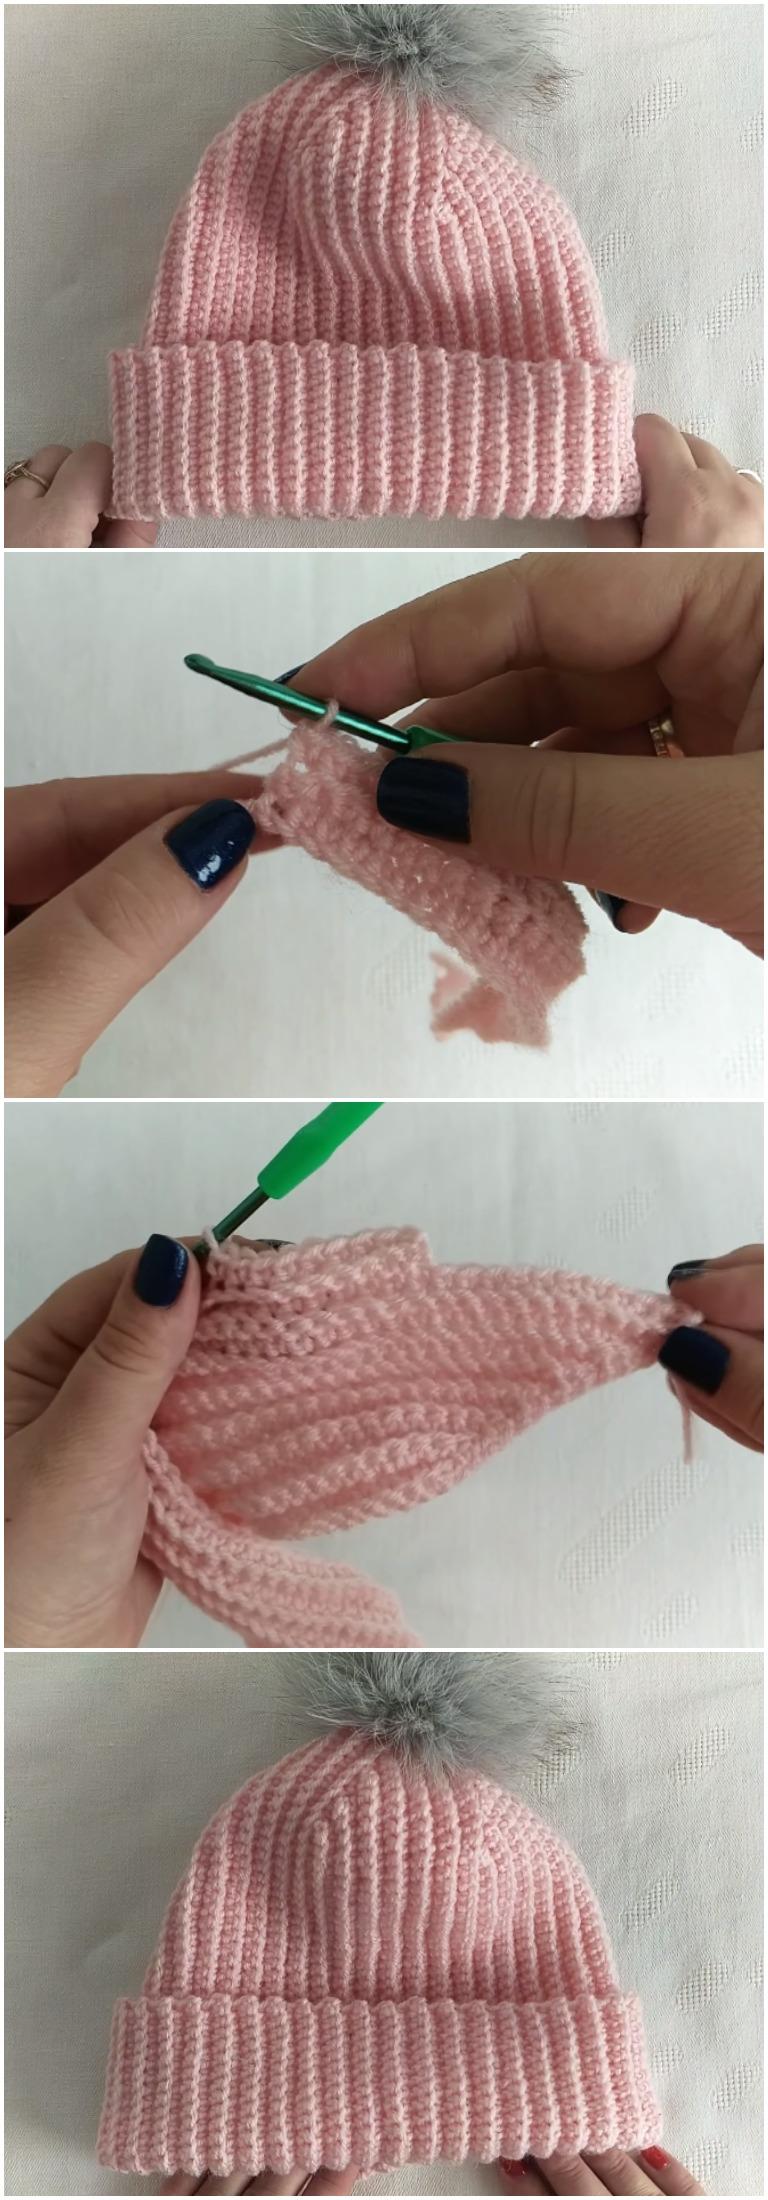 Crochet Woman's Beautiful Hat With Pom Pom